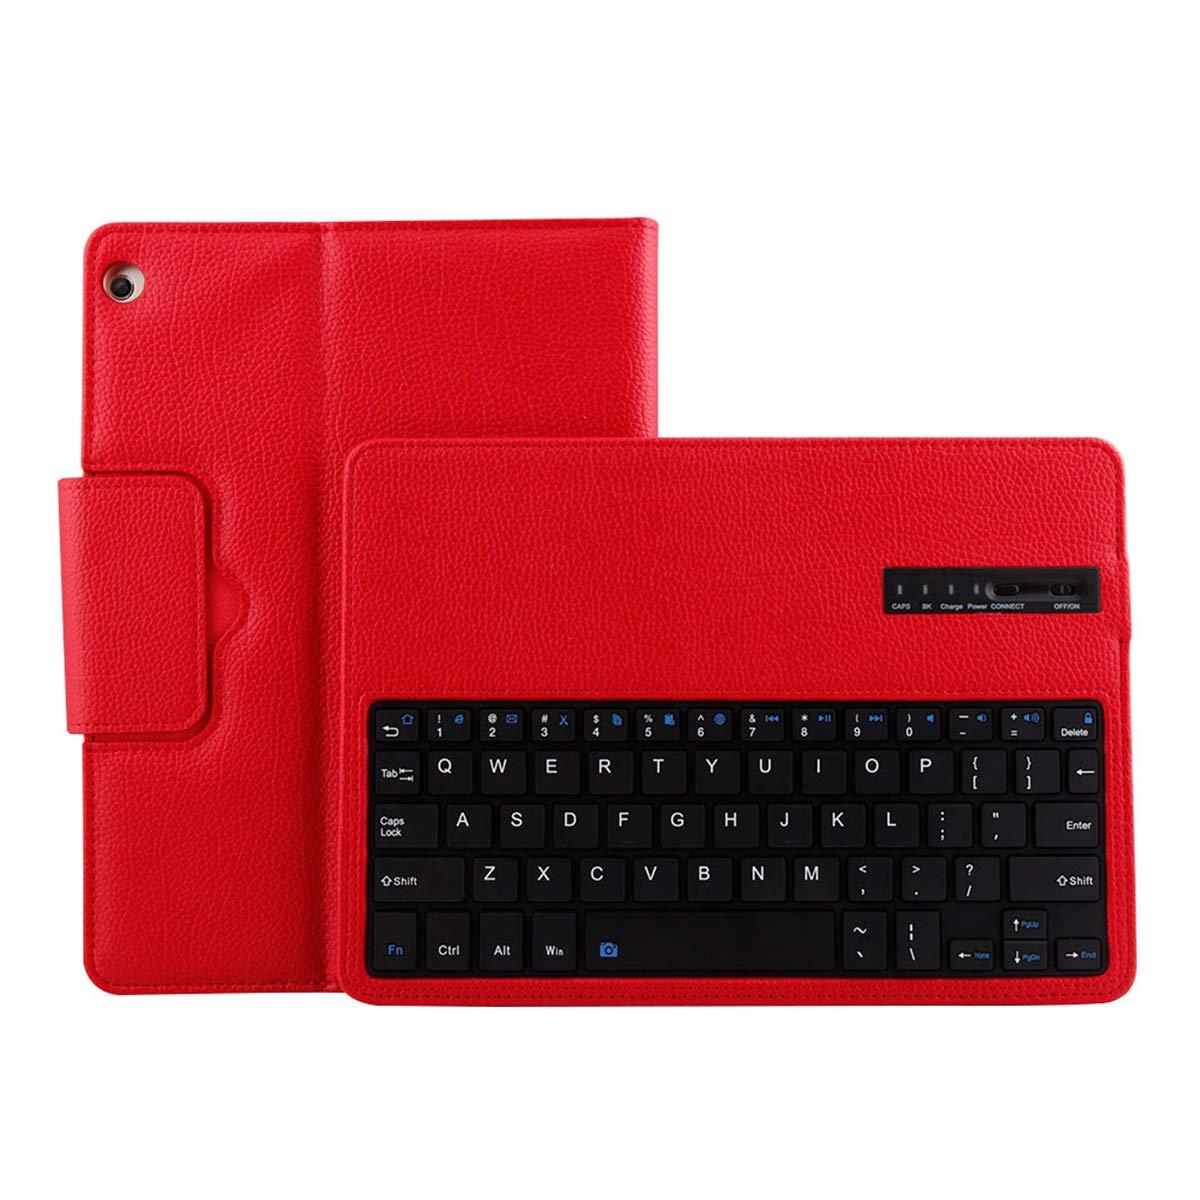 激安通販の Happon Huawei O3Y4-ON-864 Mediapad M3 Lite 10.1インチキーボードケース スリム軽量スタンドカバー レッド 磁気取り外し可能ワイヤレスキーボード付き レッド Huawei Mediapad M3 Lite 10.1インチに対応 レッド O3Y4-ON-864 レッド B07KWQLBT4, 池田屋:d78a04a4 --- a0267596.xsph.ru